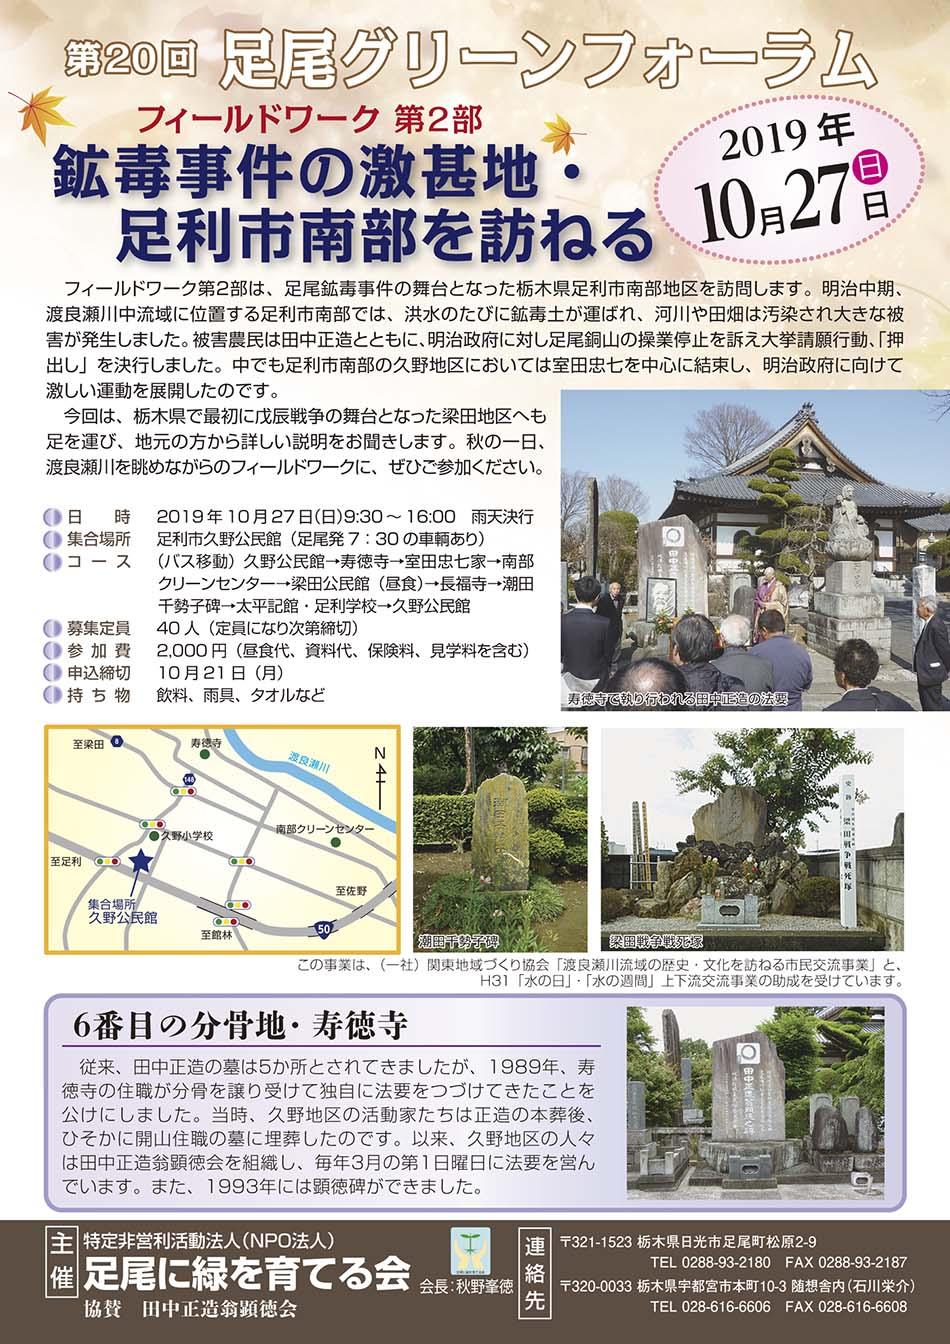 第20回足尾グリーンフォーラム フィールドワーク第2部 昭和の鉱毒被害地・太田市周辺を訪ねて